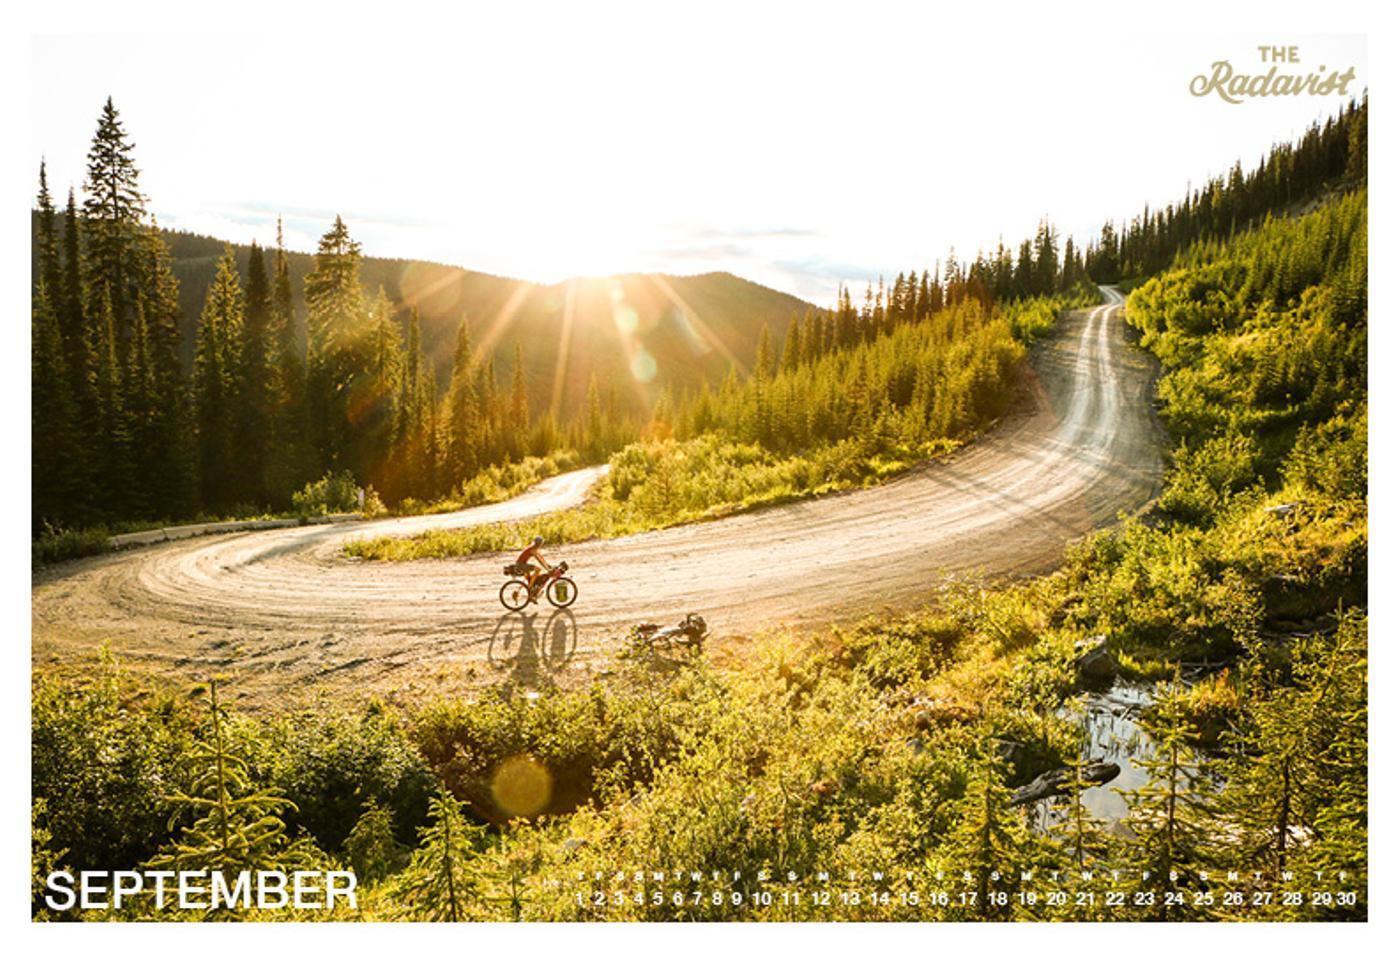 The Radavist 2016 Calendar: September